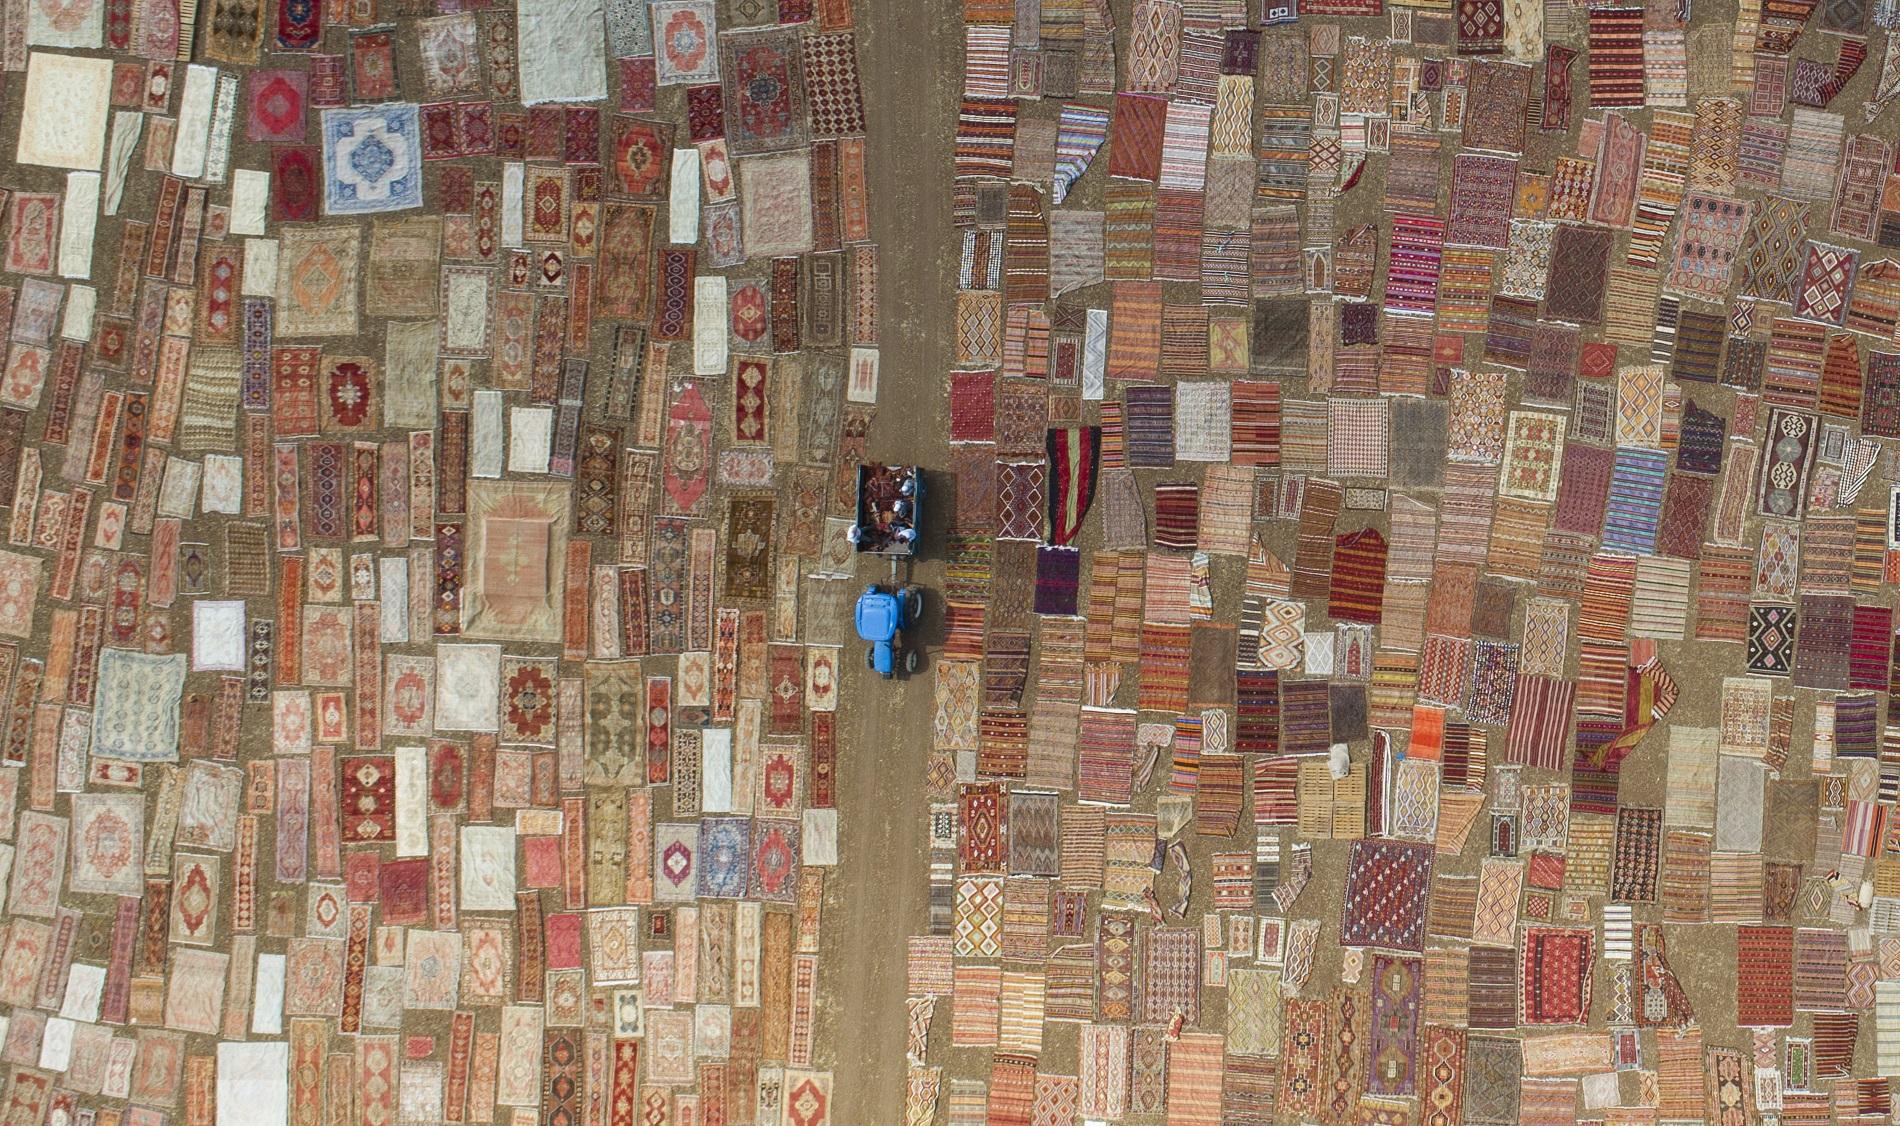 Снимката,направена с дрон, показва хиляди ръчно изработени килими в окръг Досемеалти, в района на Анталия, Турция, 10 август 2018 г. Работниците оставят близо 30 000 килима на слънце, за да смекчат цветовете си и да станат по-пастелни. Традицията на тъкане на килими има дълга история в Турция